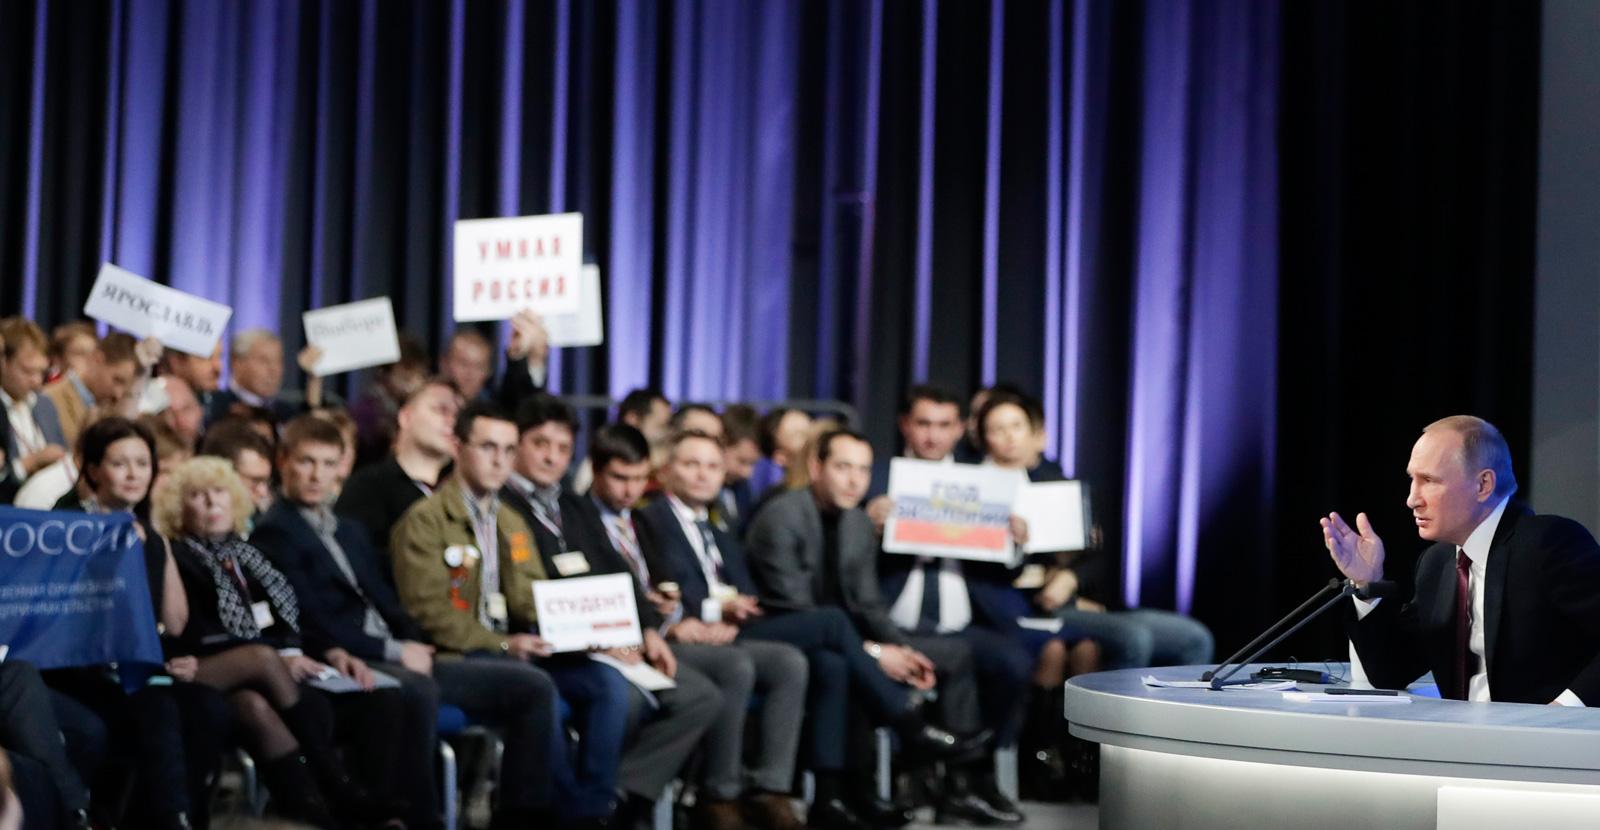 Presiden Rusia Vladimir Putin menggelar sesi tanya-jawab tahunan, Jumat (23/12), yang berlangsung hampir 4 jam dan dihadiri lebih dari 1.300 wartawan.